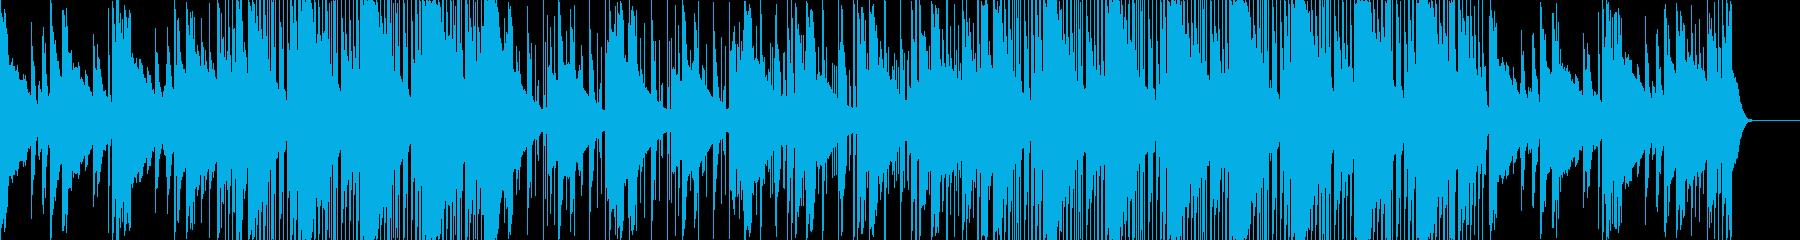 洋楽系カッコイイ忍者和風ヒップホップの再生済みの波形